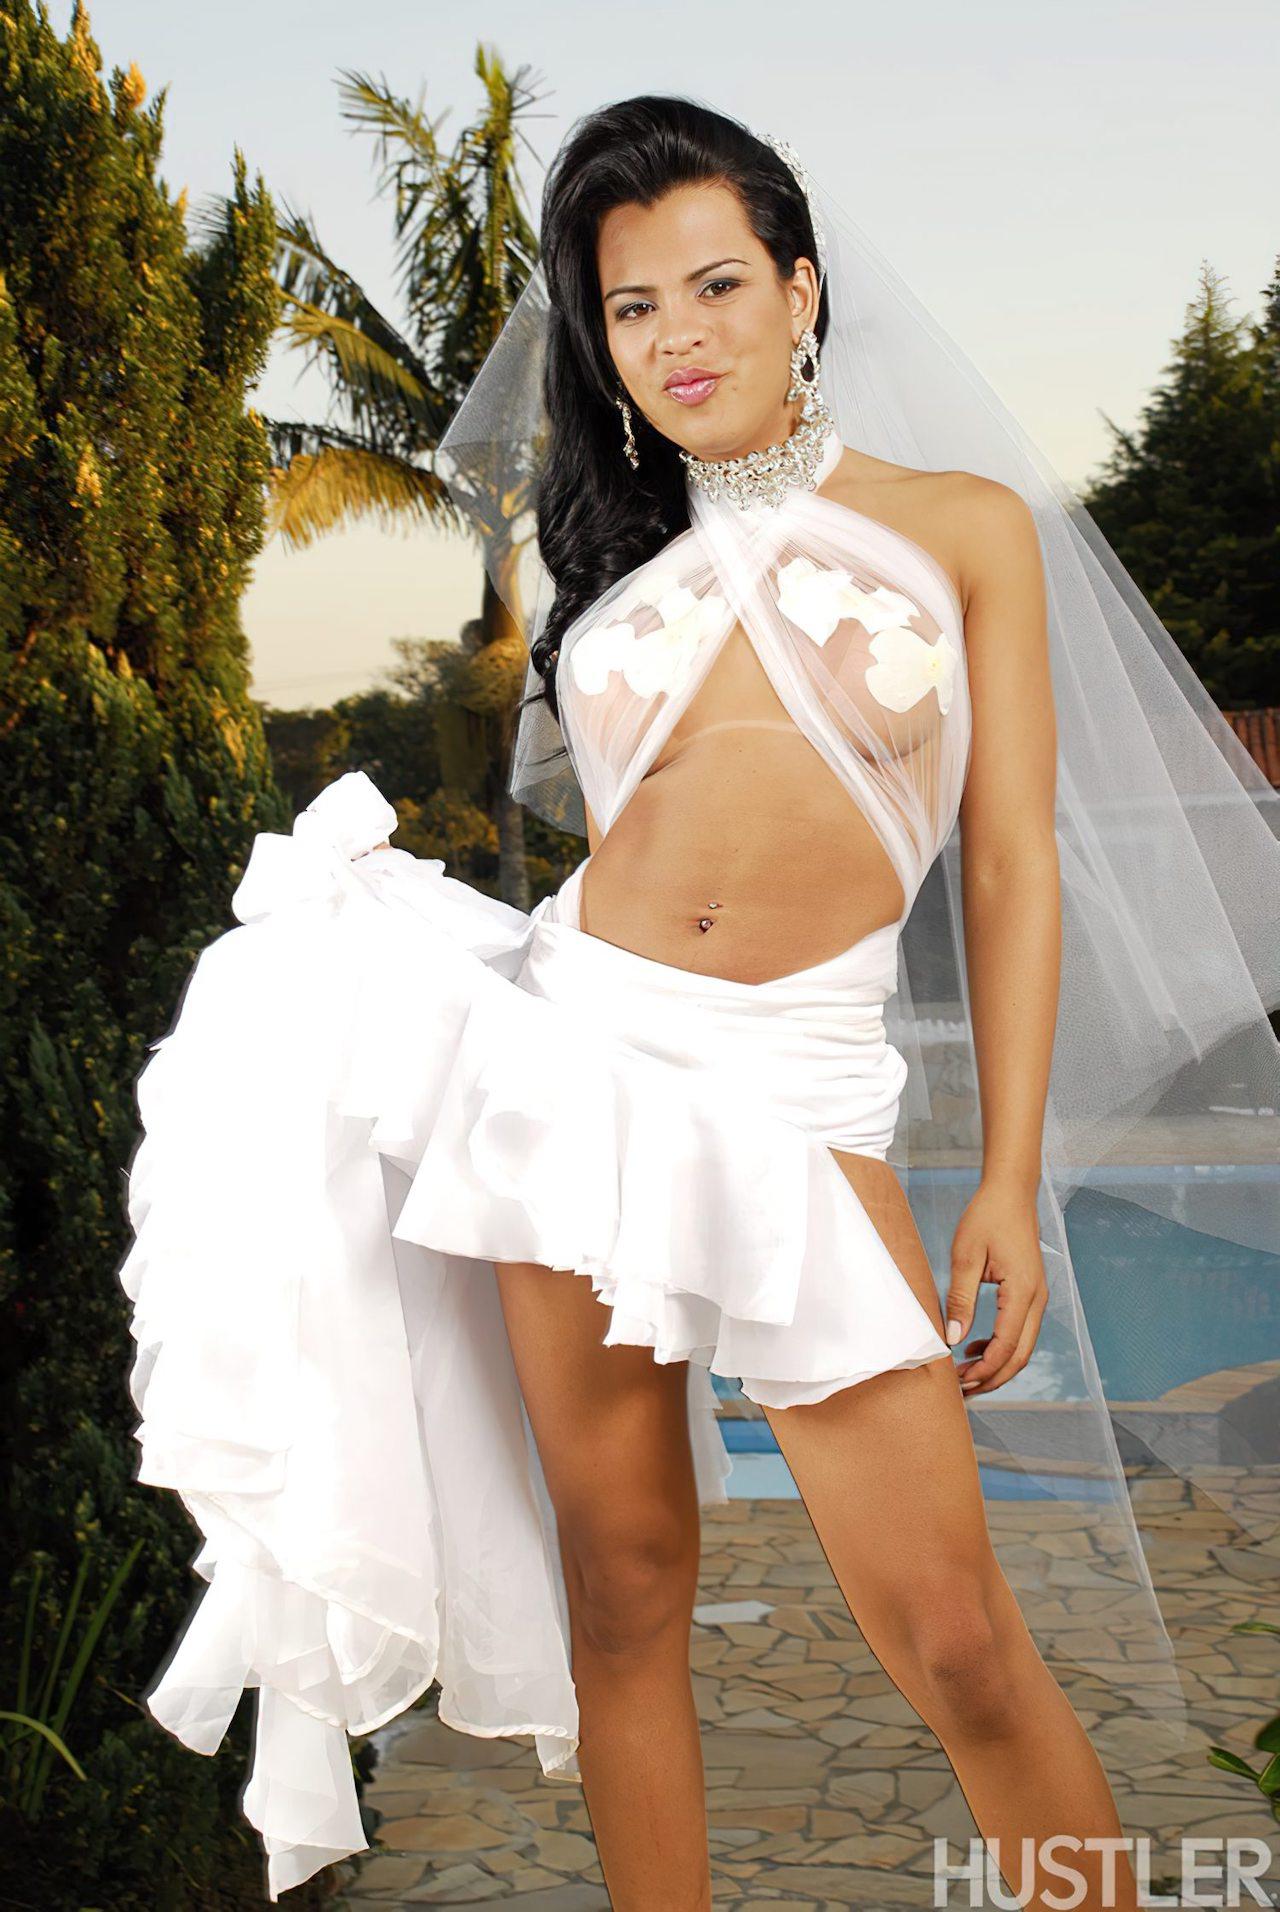 Transex Gostosa Dia Casamento (3)